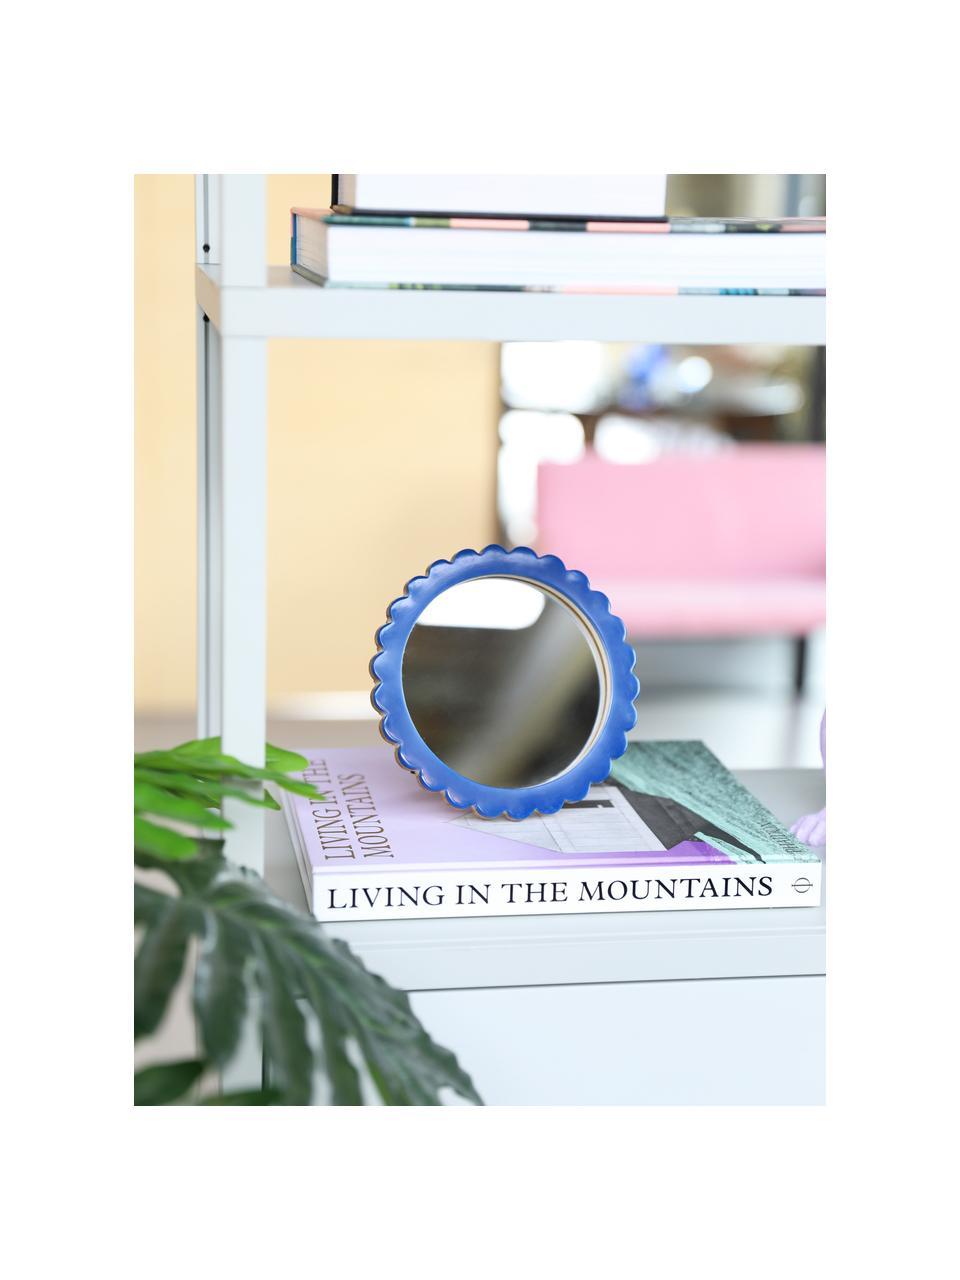 Kosmetikspiegel Bloom mit blauem Kuststoffrahmen, Rahmen: Polyresin, Mitteldichte H, Spiegelfläche: Spiegelglas, Blau, Ø 17 cm x T 2 cm